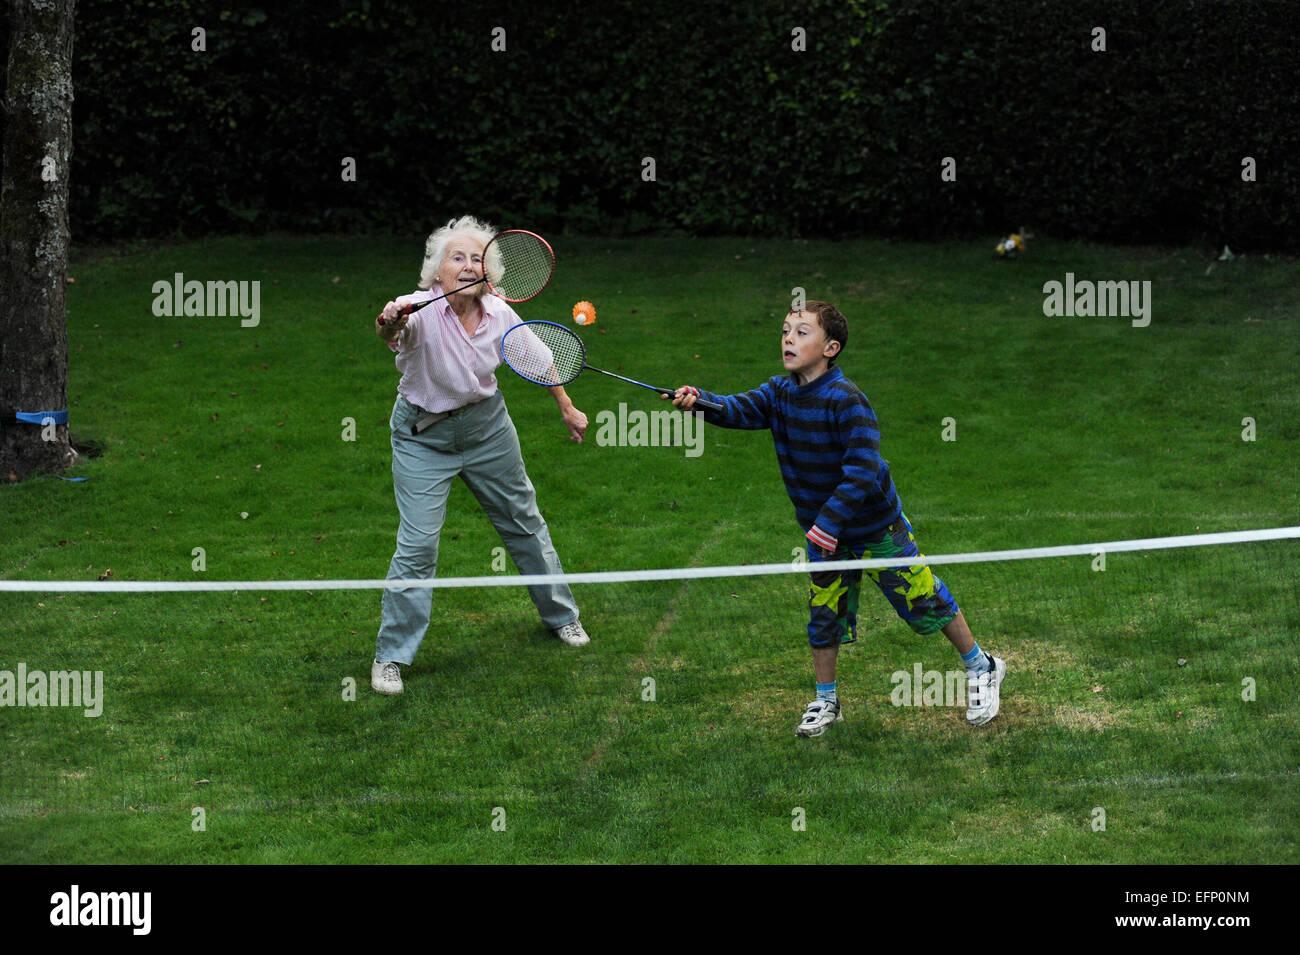 Los abuelos jugar bádminton con su nieto en su jardín en North Yorkshire, Inglaterra. Imagen De Stock